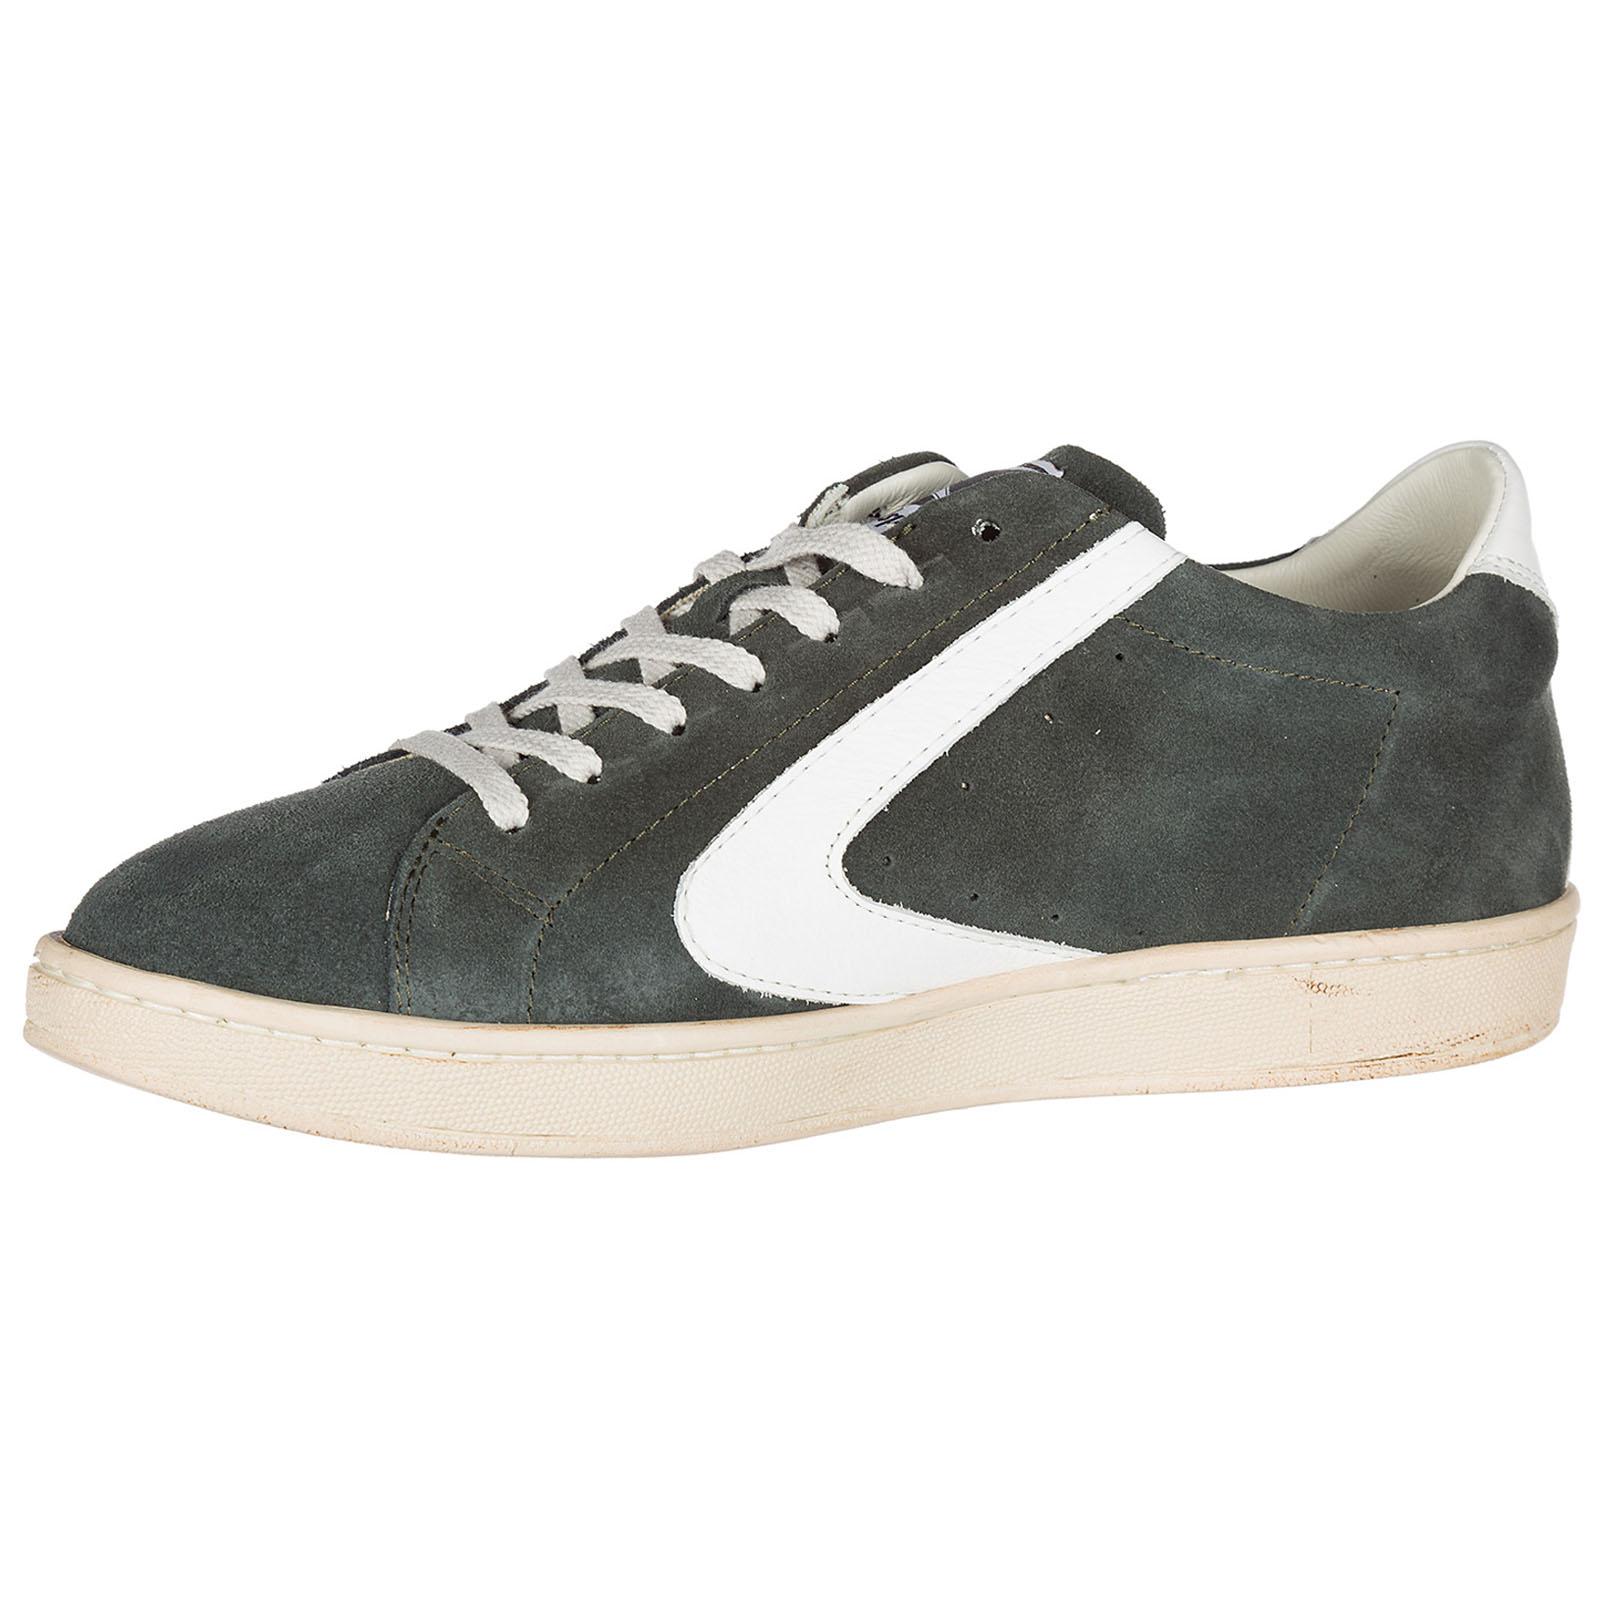 huge discount fc8b7 e6569 Scarpe sneakers uomo camoscio tournament